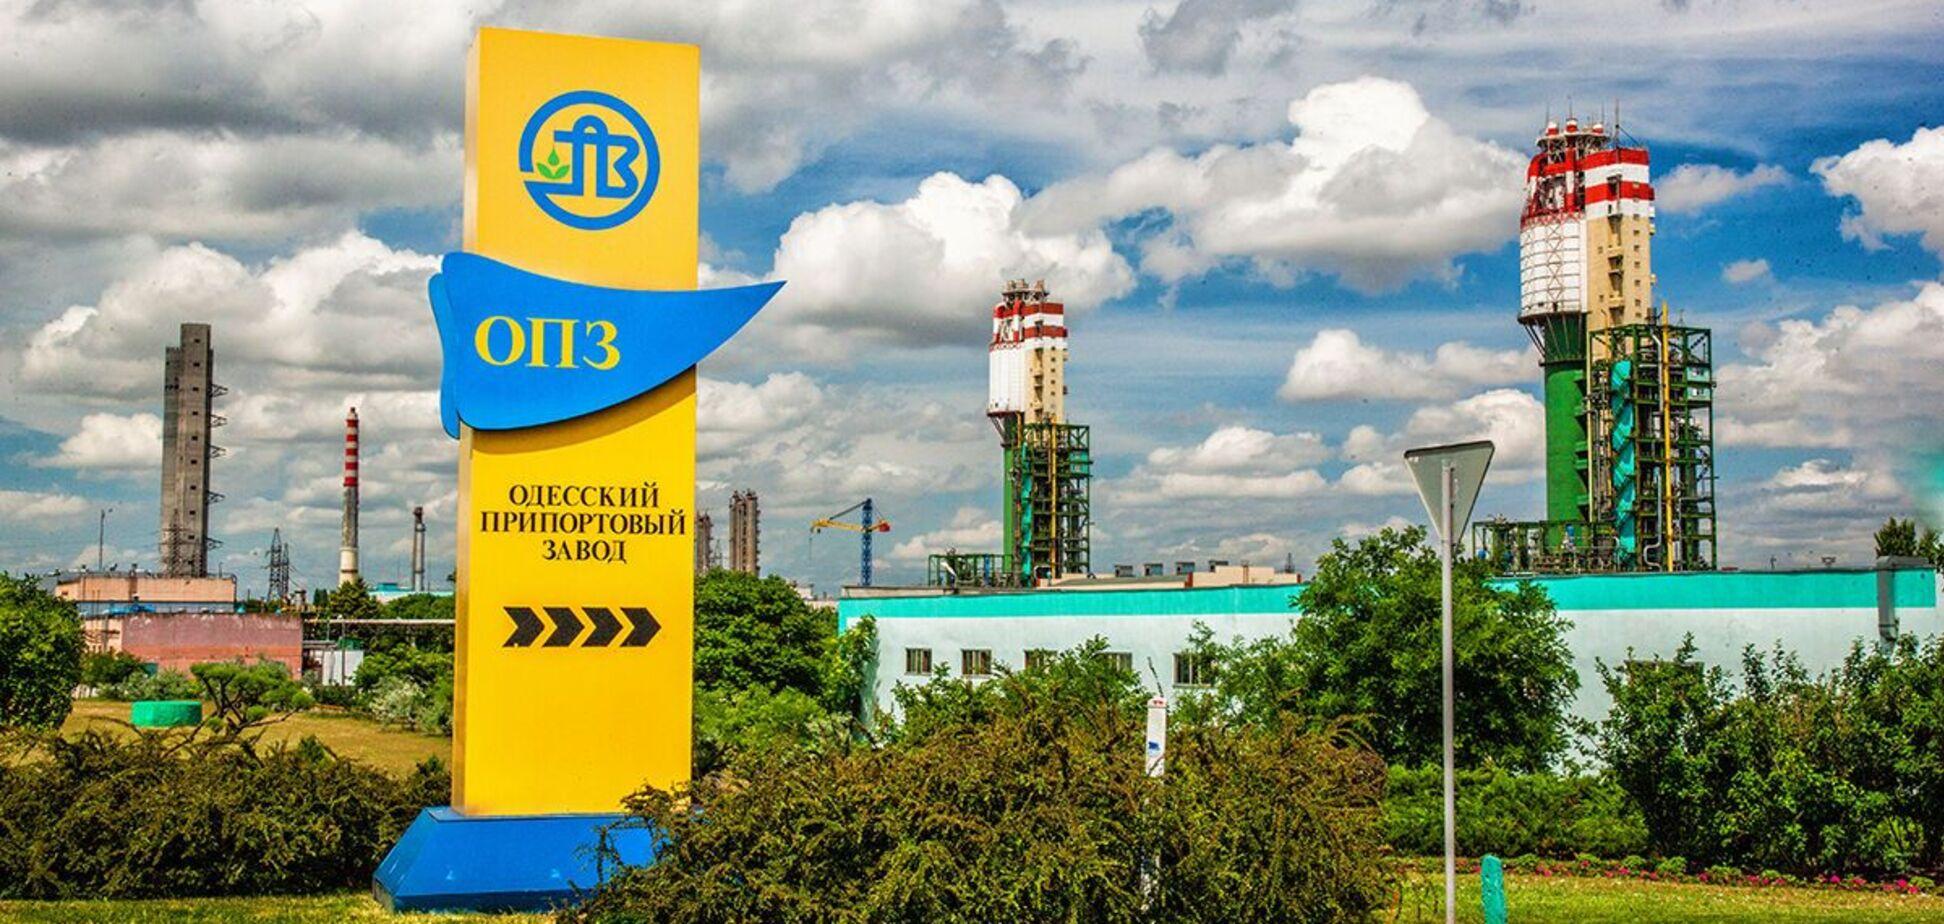 Одесский припортовый завод останавливает работу: названы причины